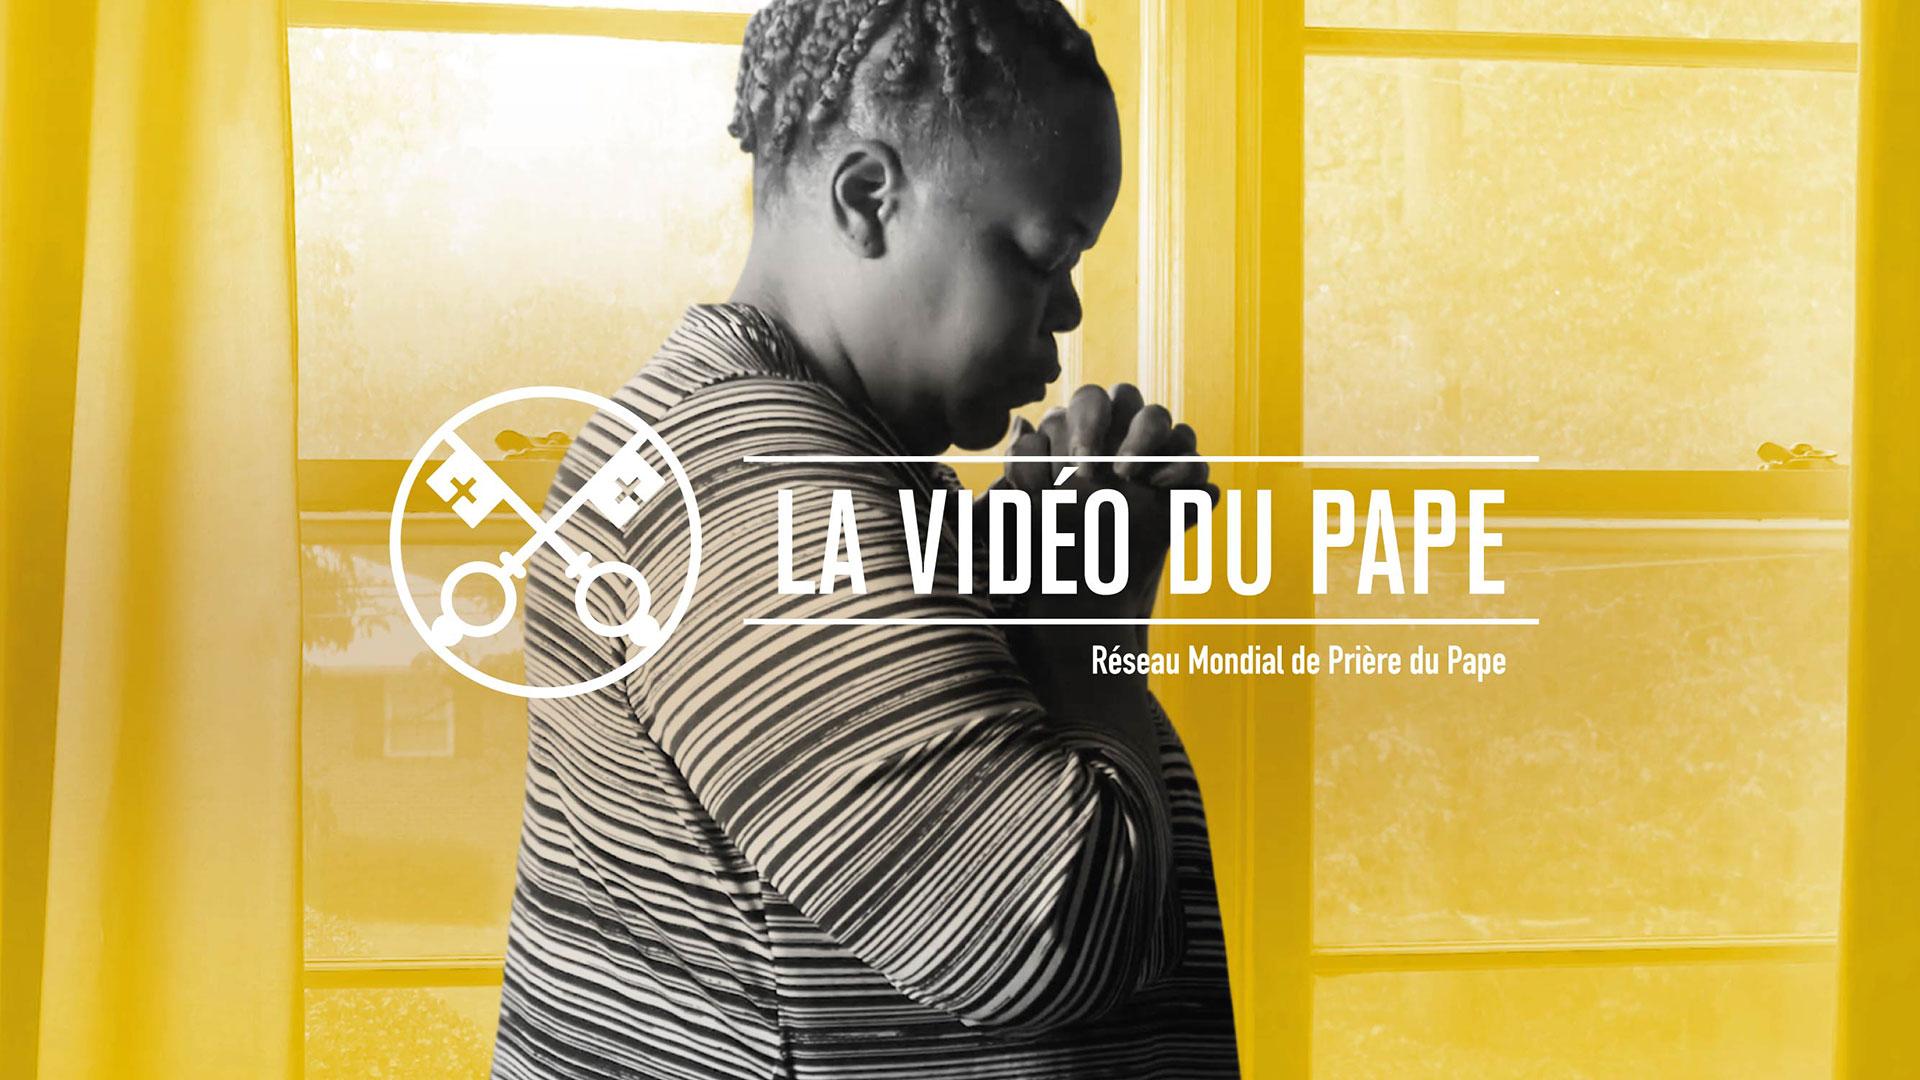 Pour une vie de prière – La Vidéo du Pape